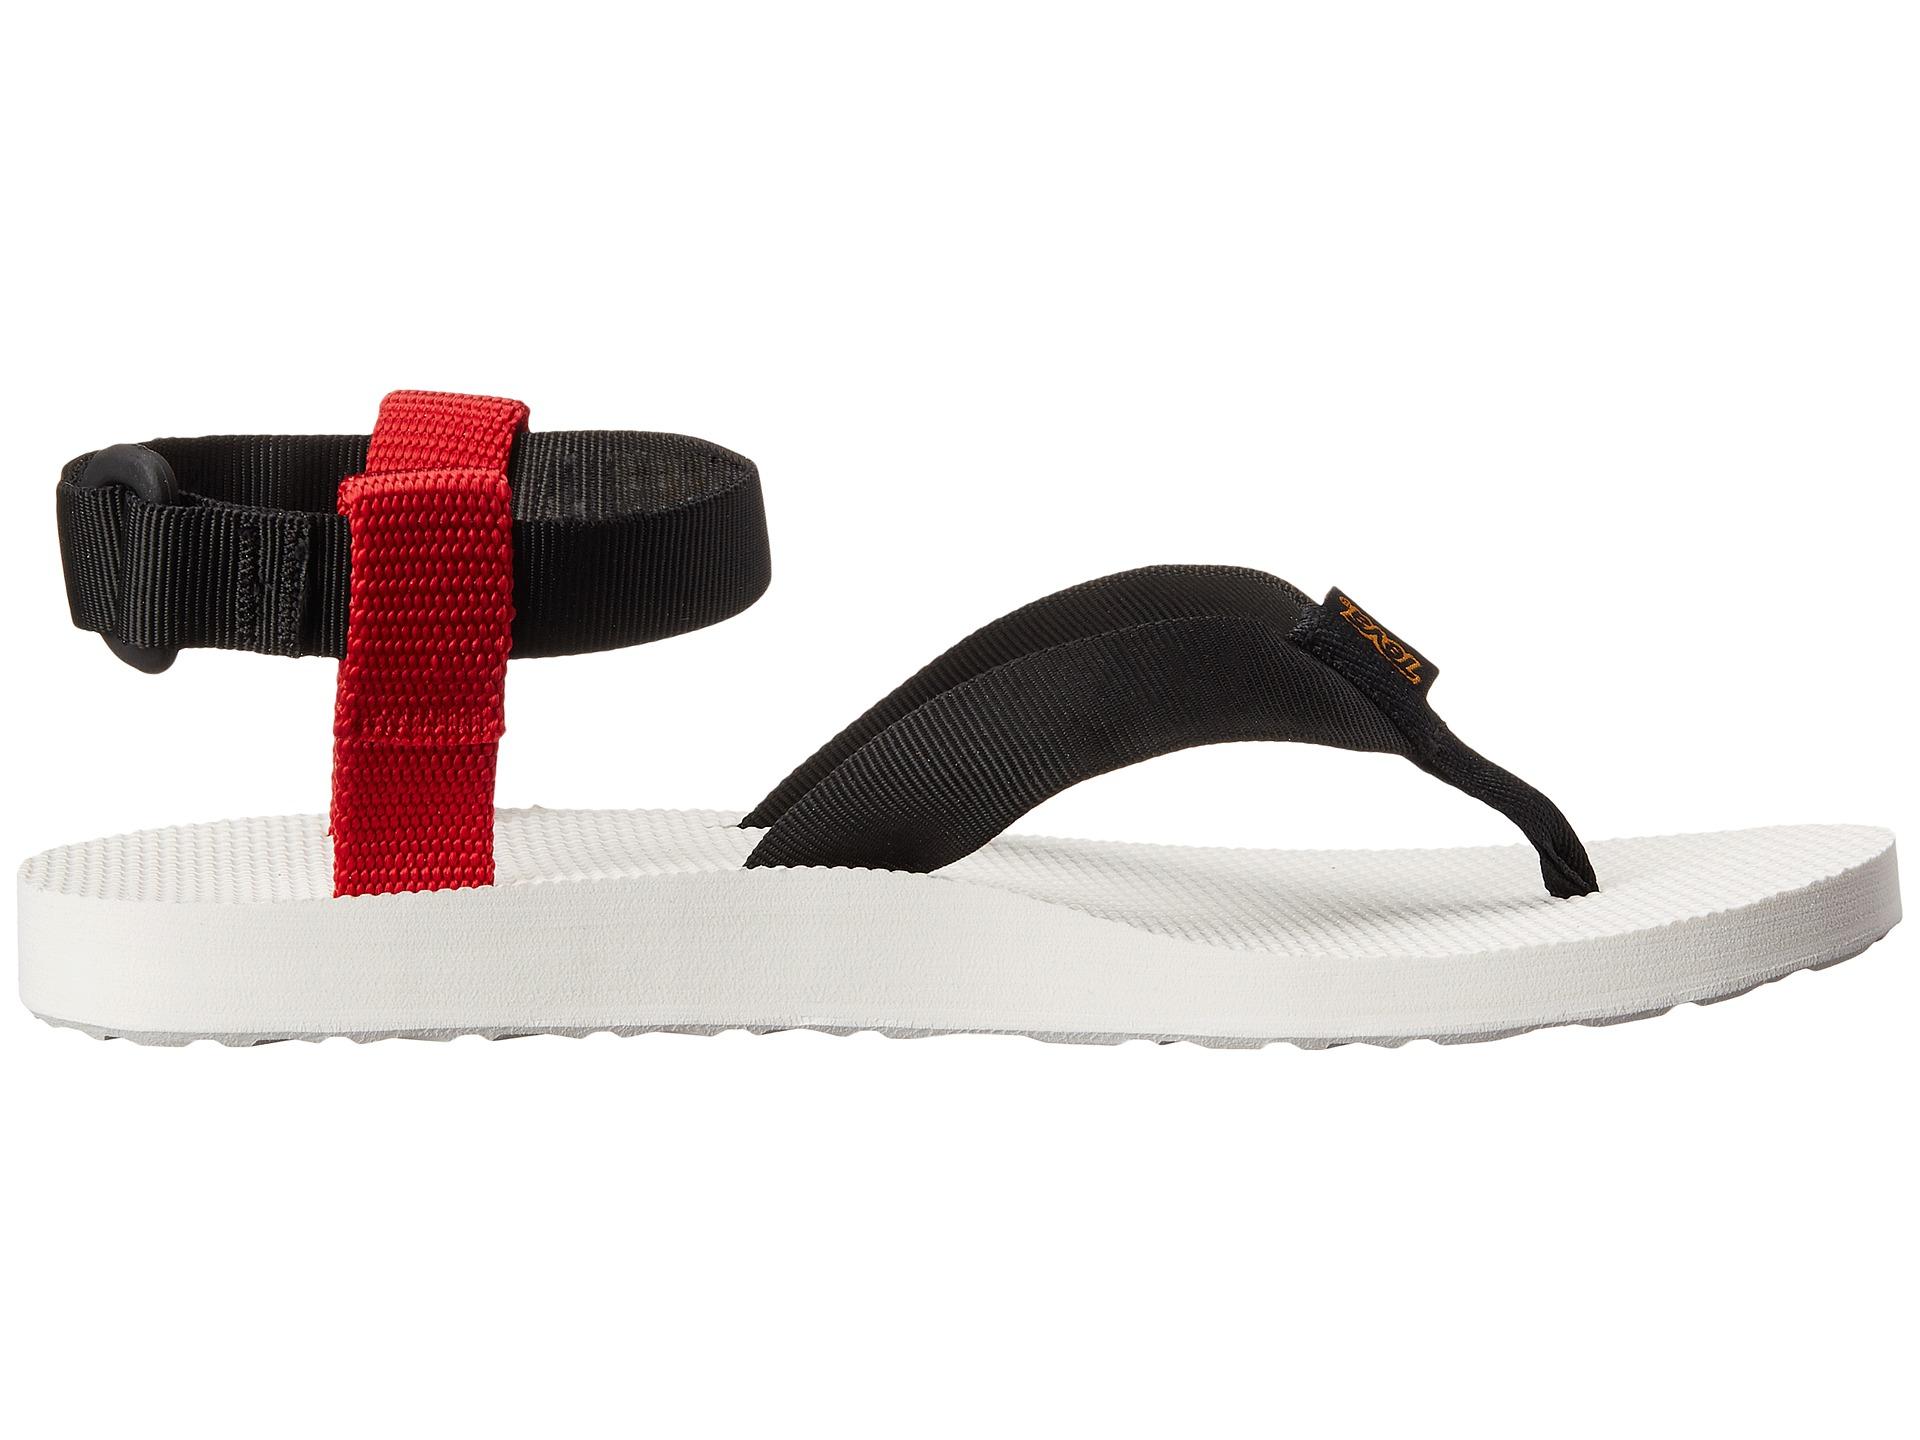 b7f6f0a598dd Lyst - Teva Original Sandal Sport in Black